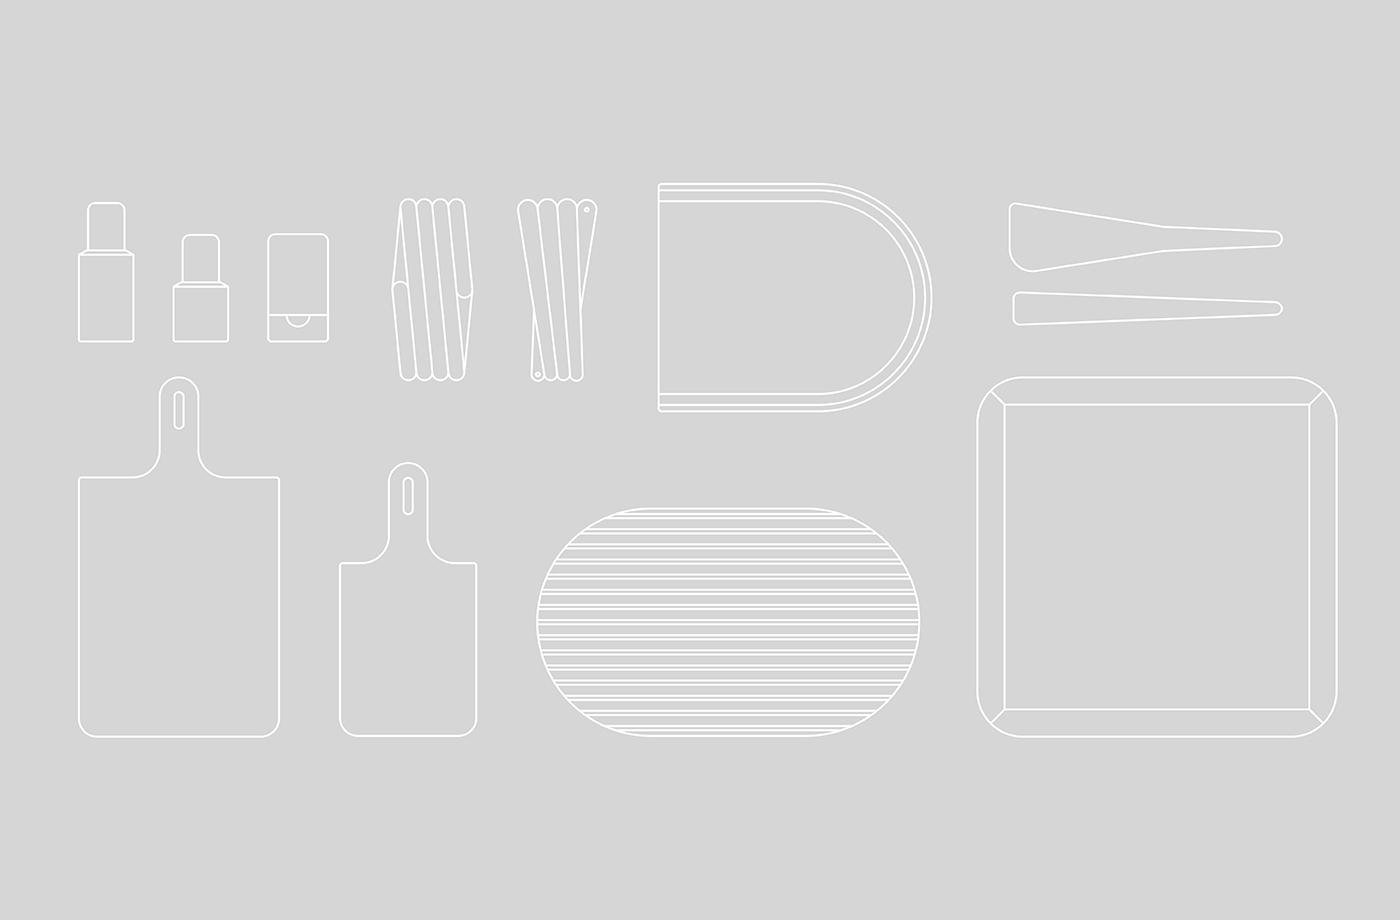 grafik design für die stiftung mbf